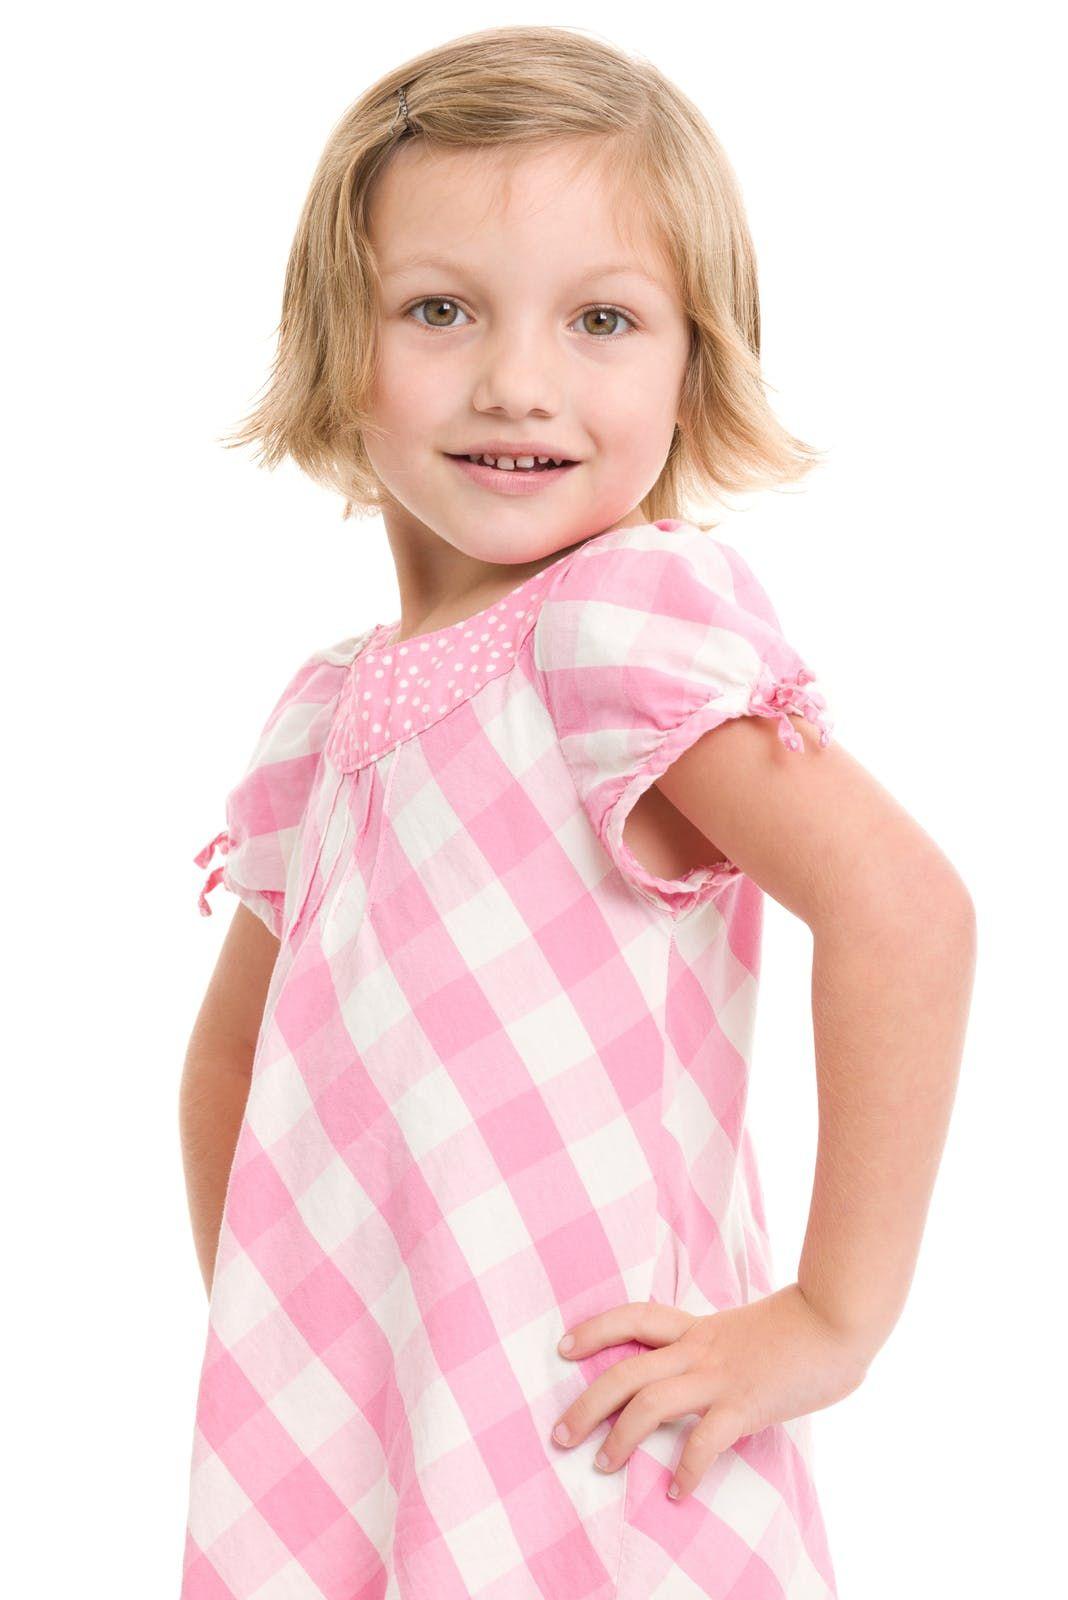 Photos : 20 coiffures courtes pour petites filles | Coupe cheveux fille, Cheveux courts petite ...